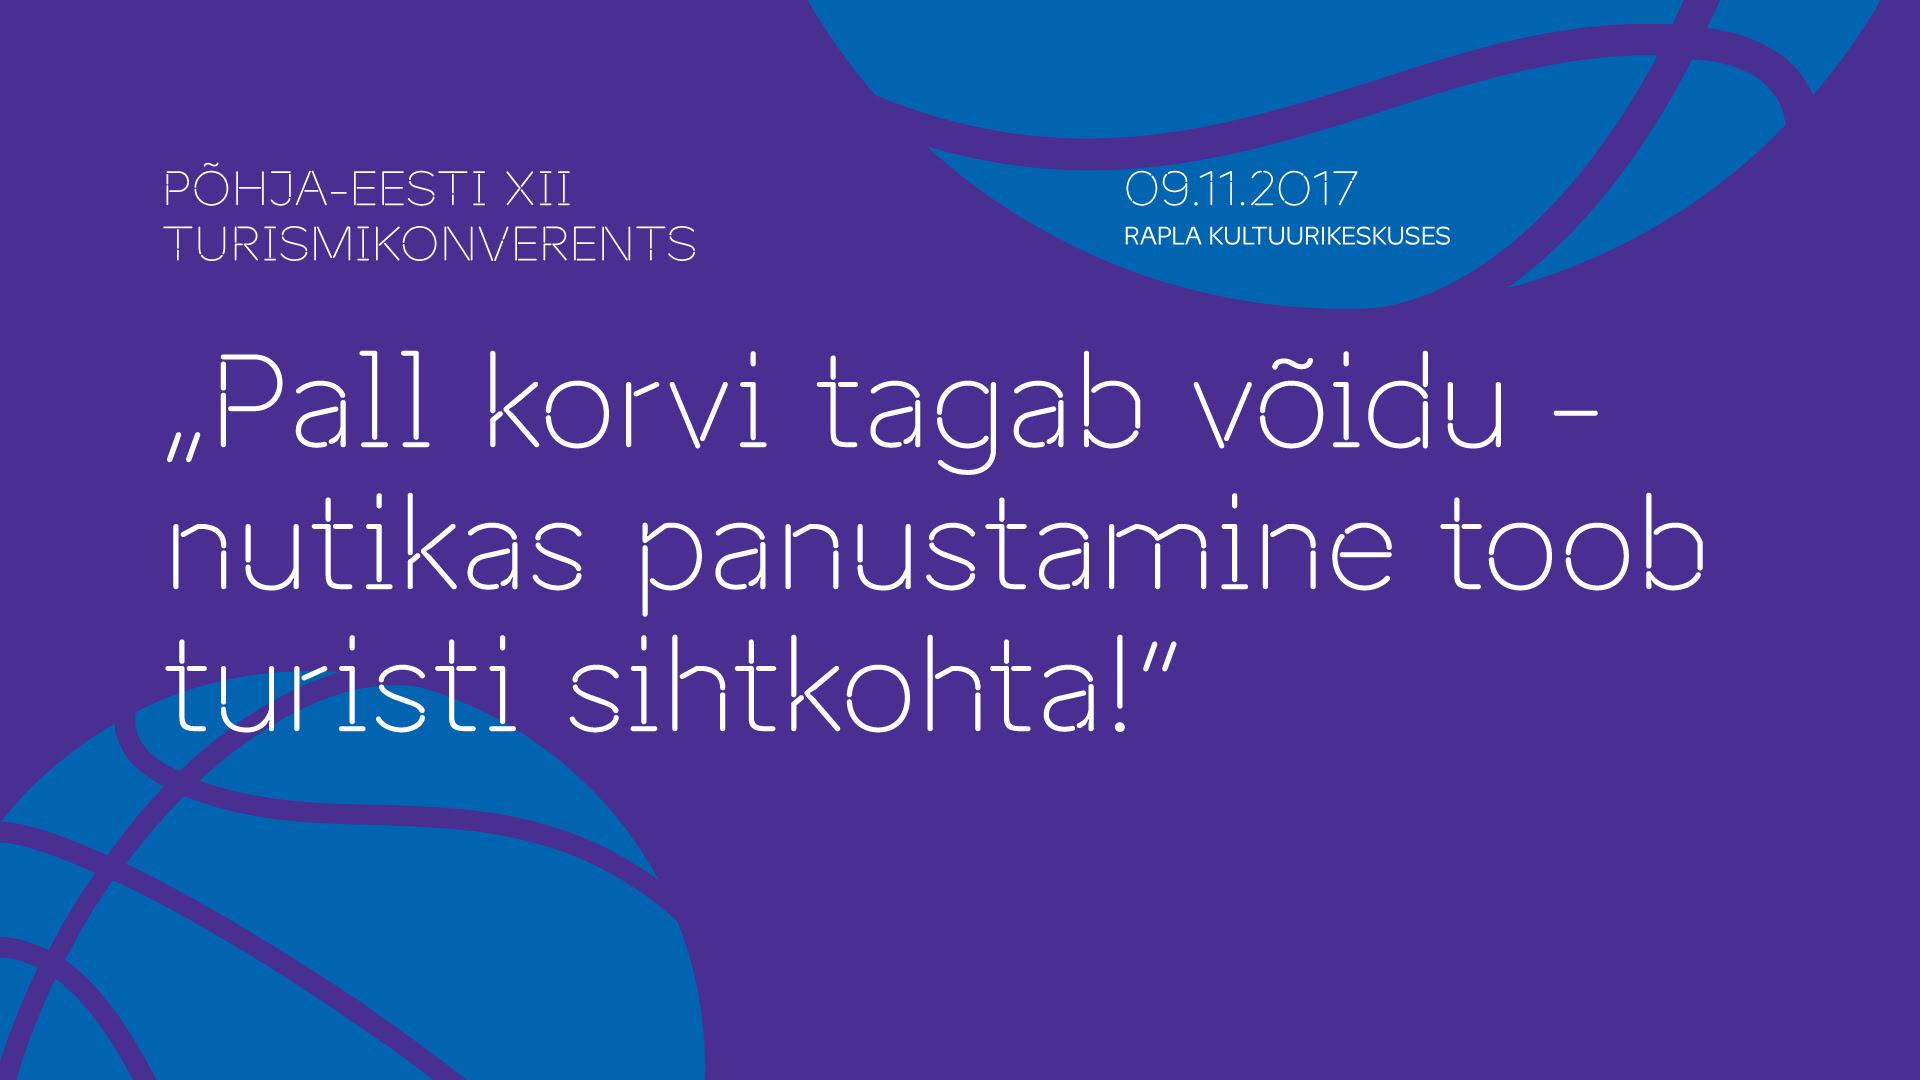 Põhja-Eesti XII turismikonverents